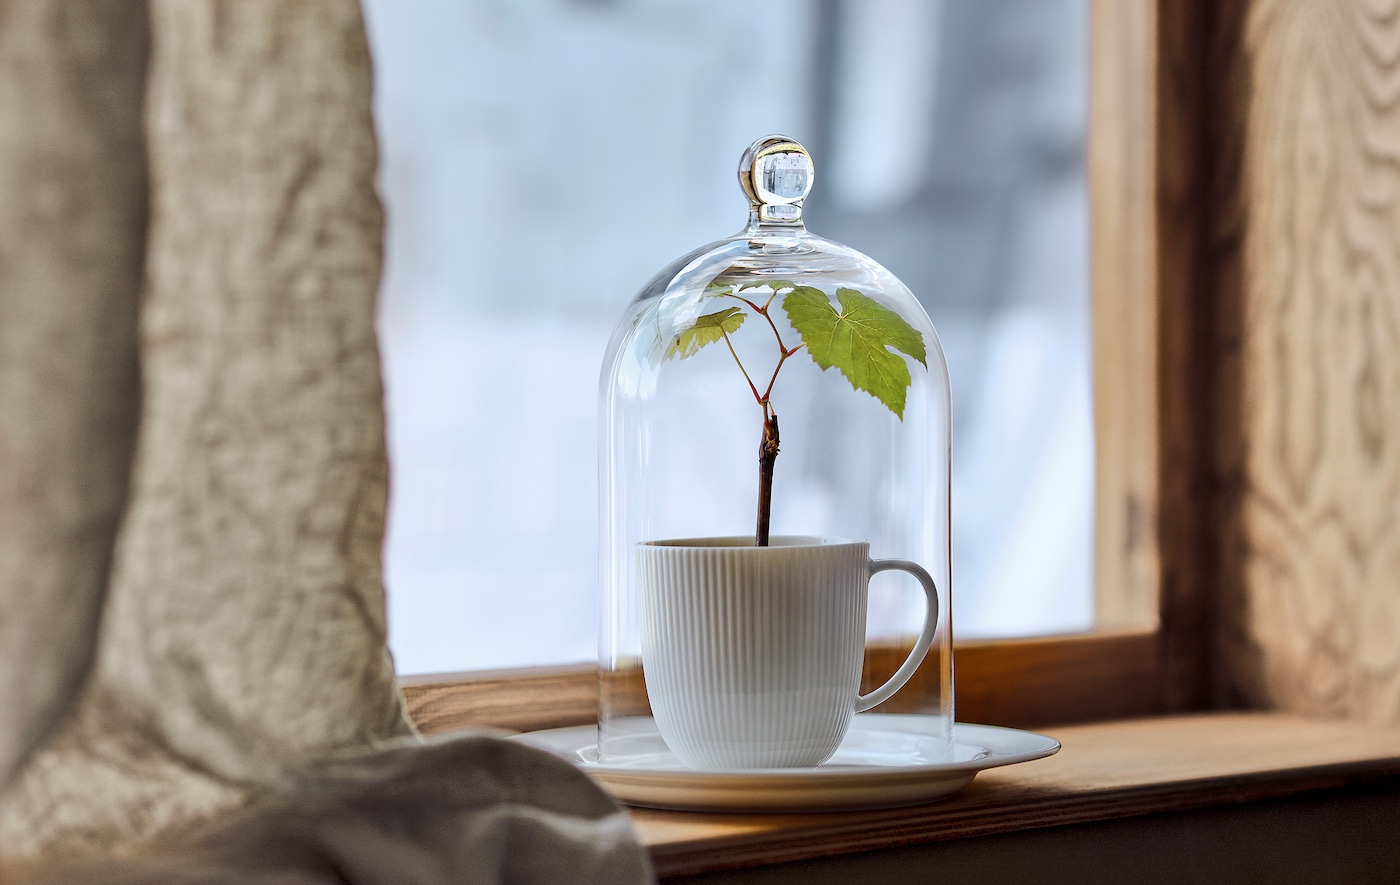 قبة زجاجية MORGONTID فوق نبات صغير داخل كوب شاي موضوعة على حافة نافذة مسطحة، خلفها منظر طبيعي شتوي.